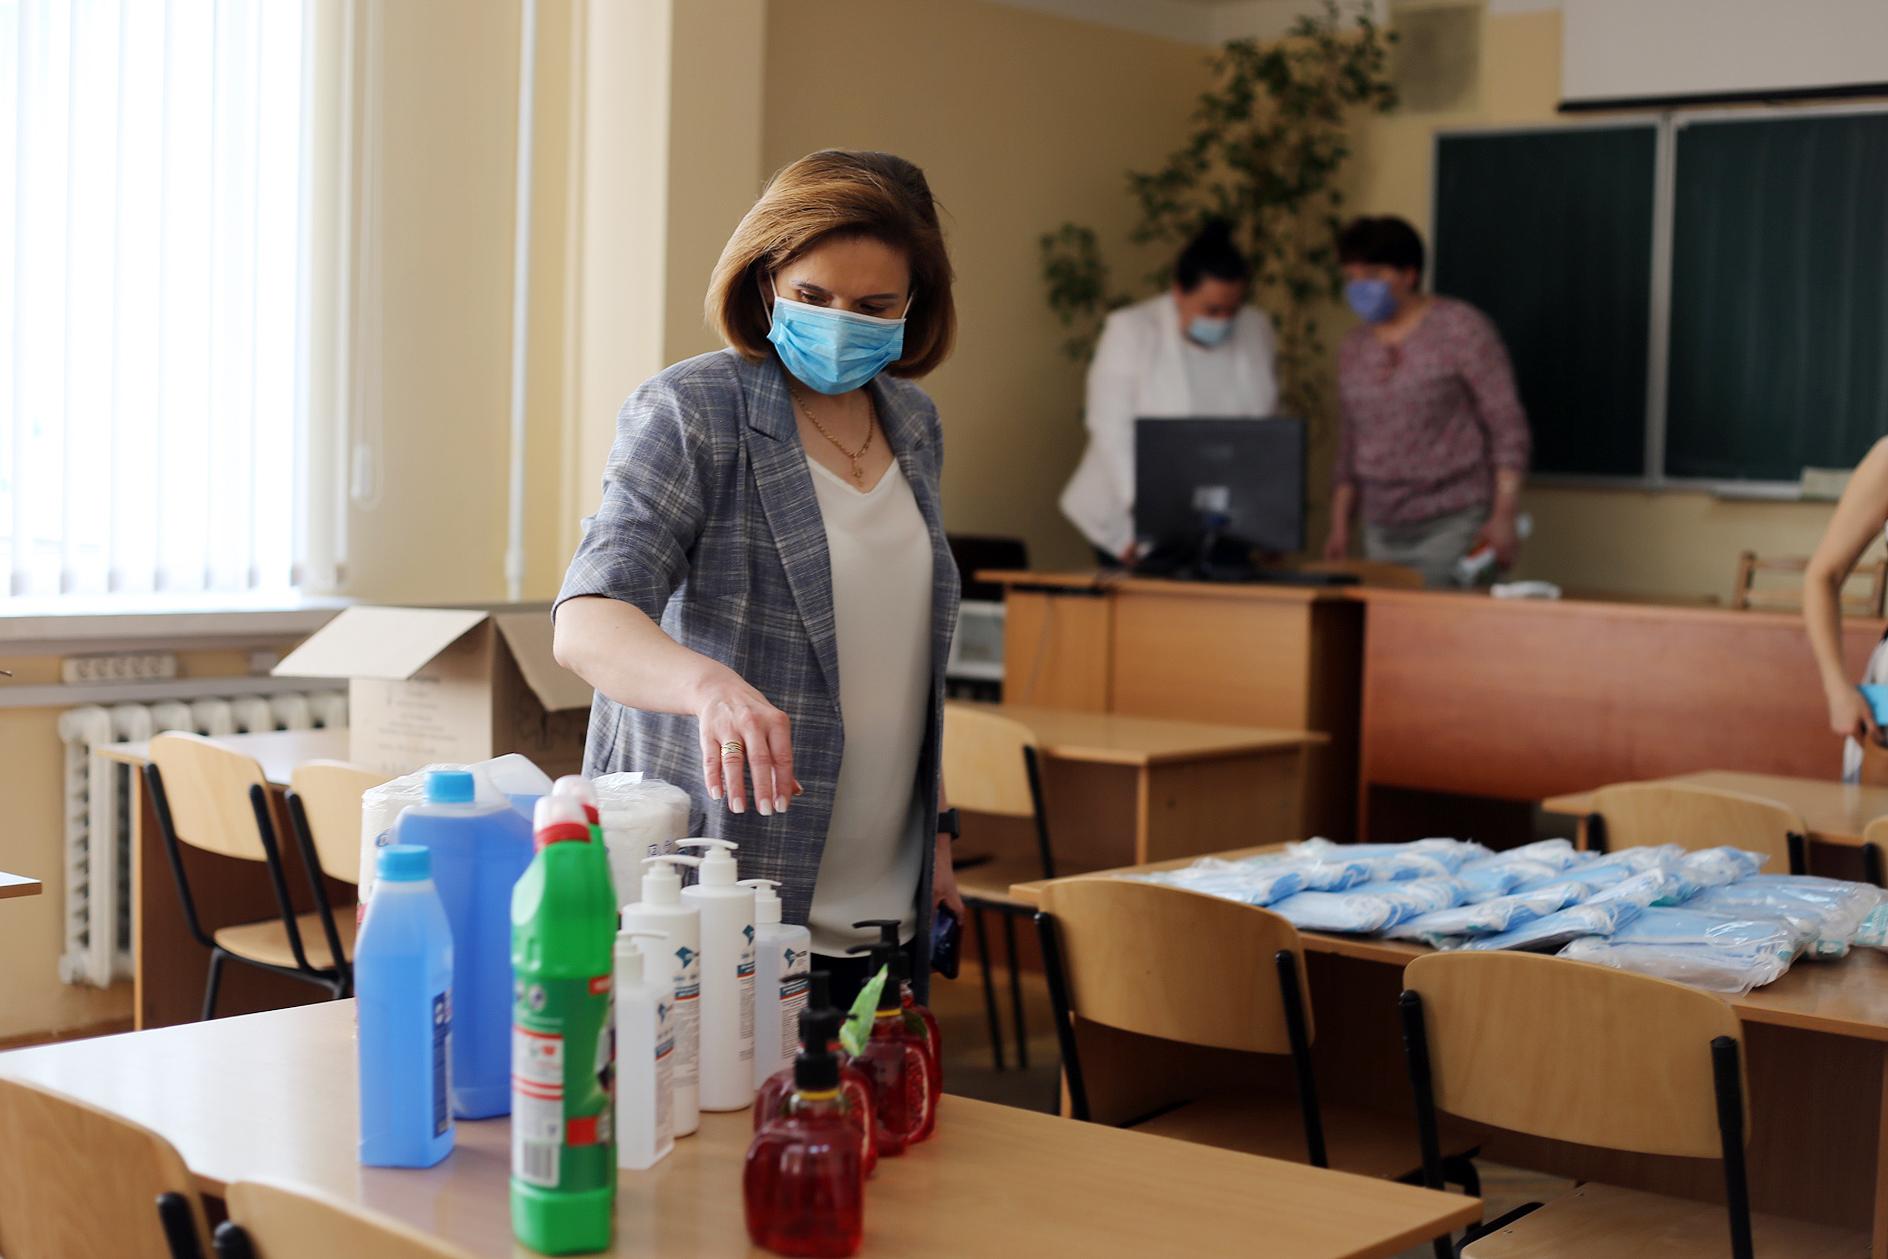 Любомира Мандзій: Епідеміологічна ситуація дозволяє провести ЗНО-2020 25 червня – 17 липня, пункти тестування готові провести його у безпечних умовах